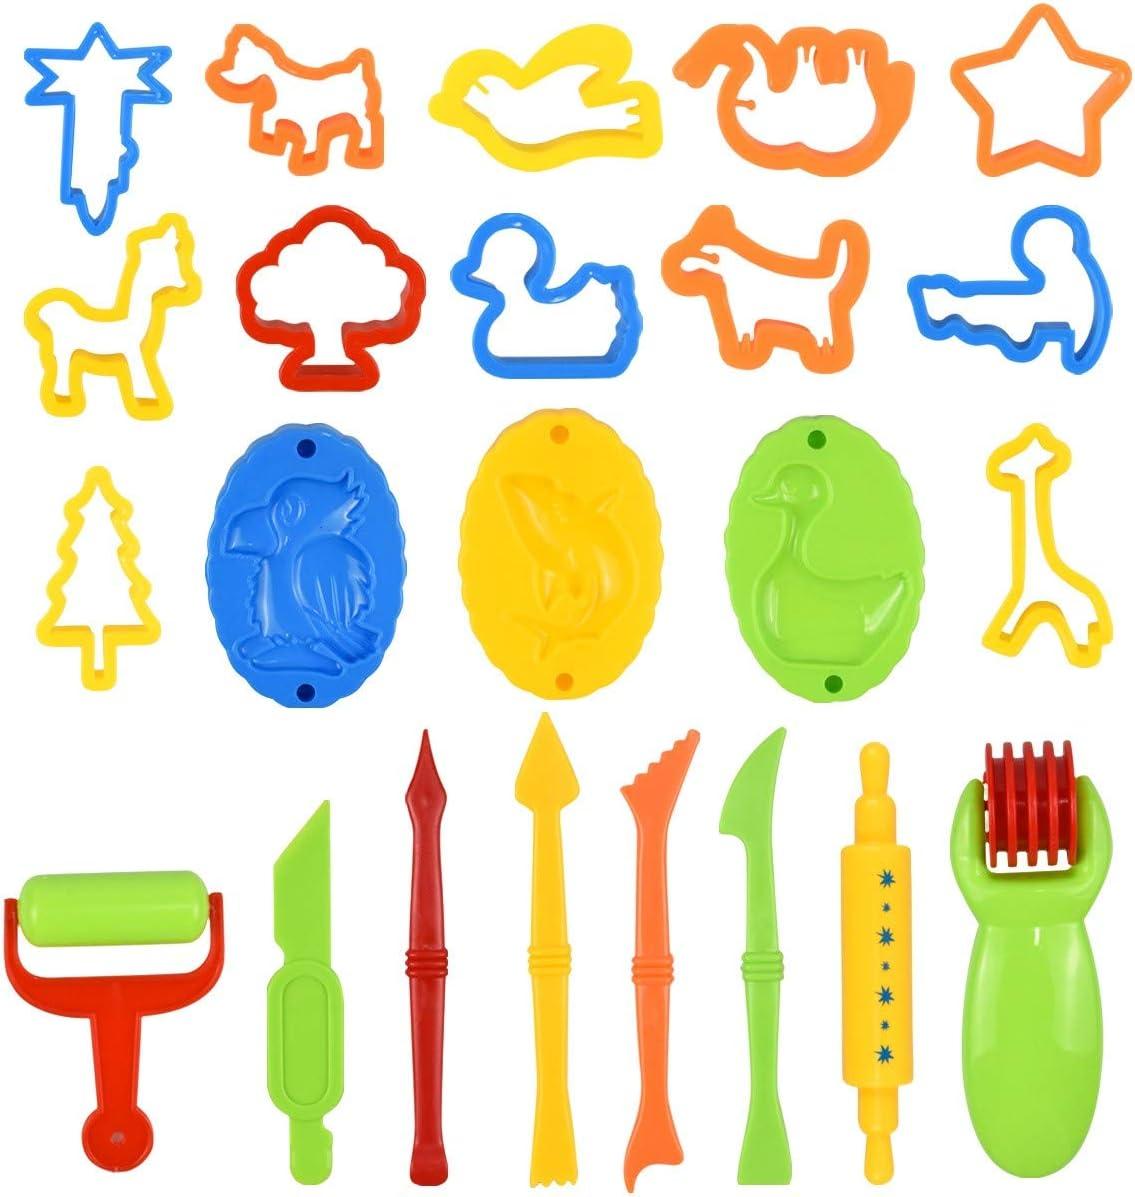 Fodlon Herramienta de Plastilina, 26 Piezas Herramienta de Masa Juego de Cocina para Niños Accesorios de Plástico para Masa, Incluyendo Molde para Animales, Extrusora, Rodillo, Regalo de los Niños